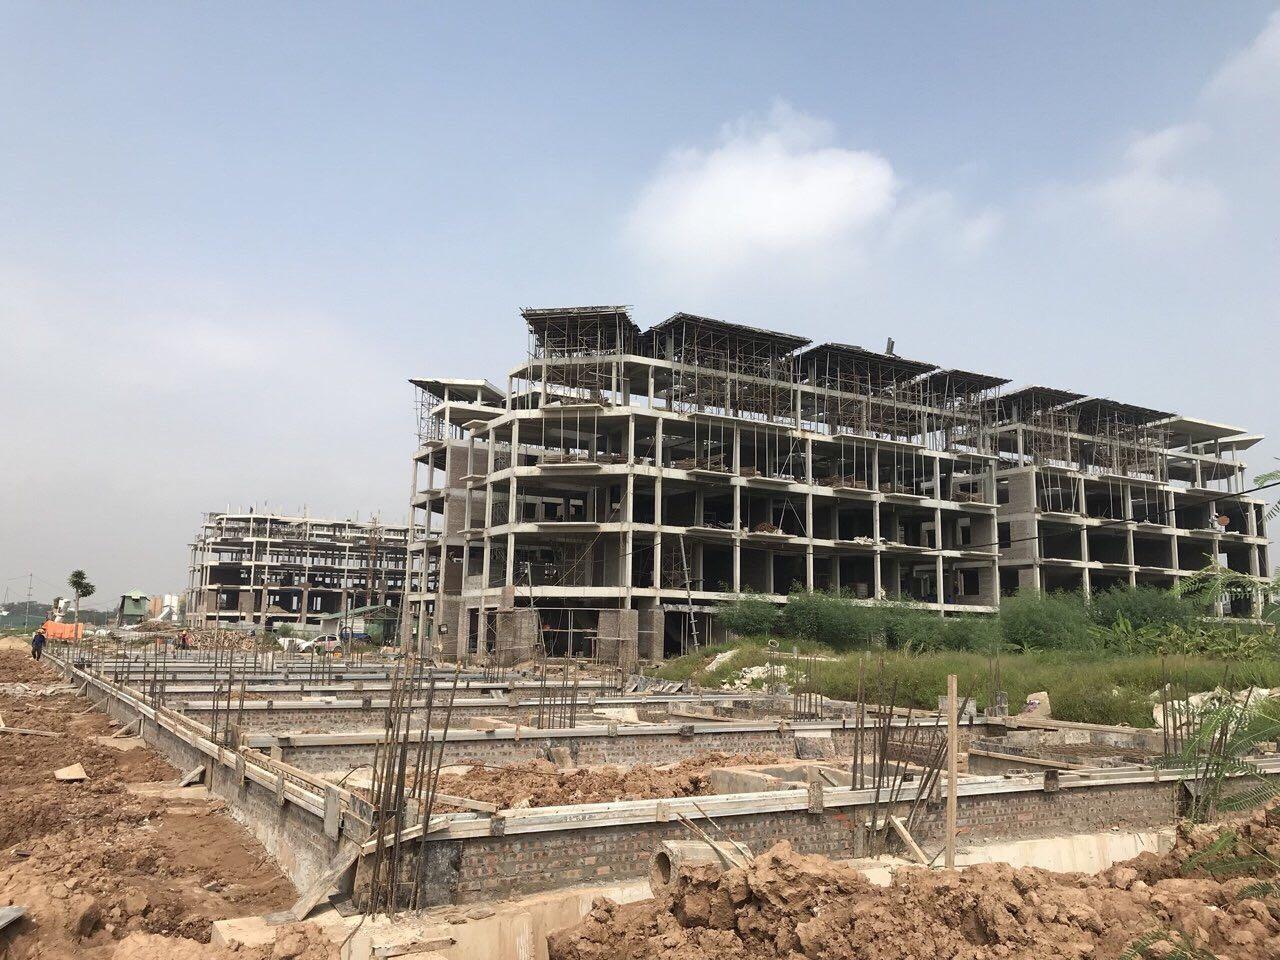 Tiến độ thi công Khai Sơn City Long Biên 8/2018